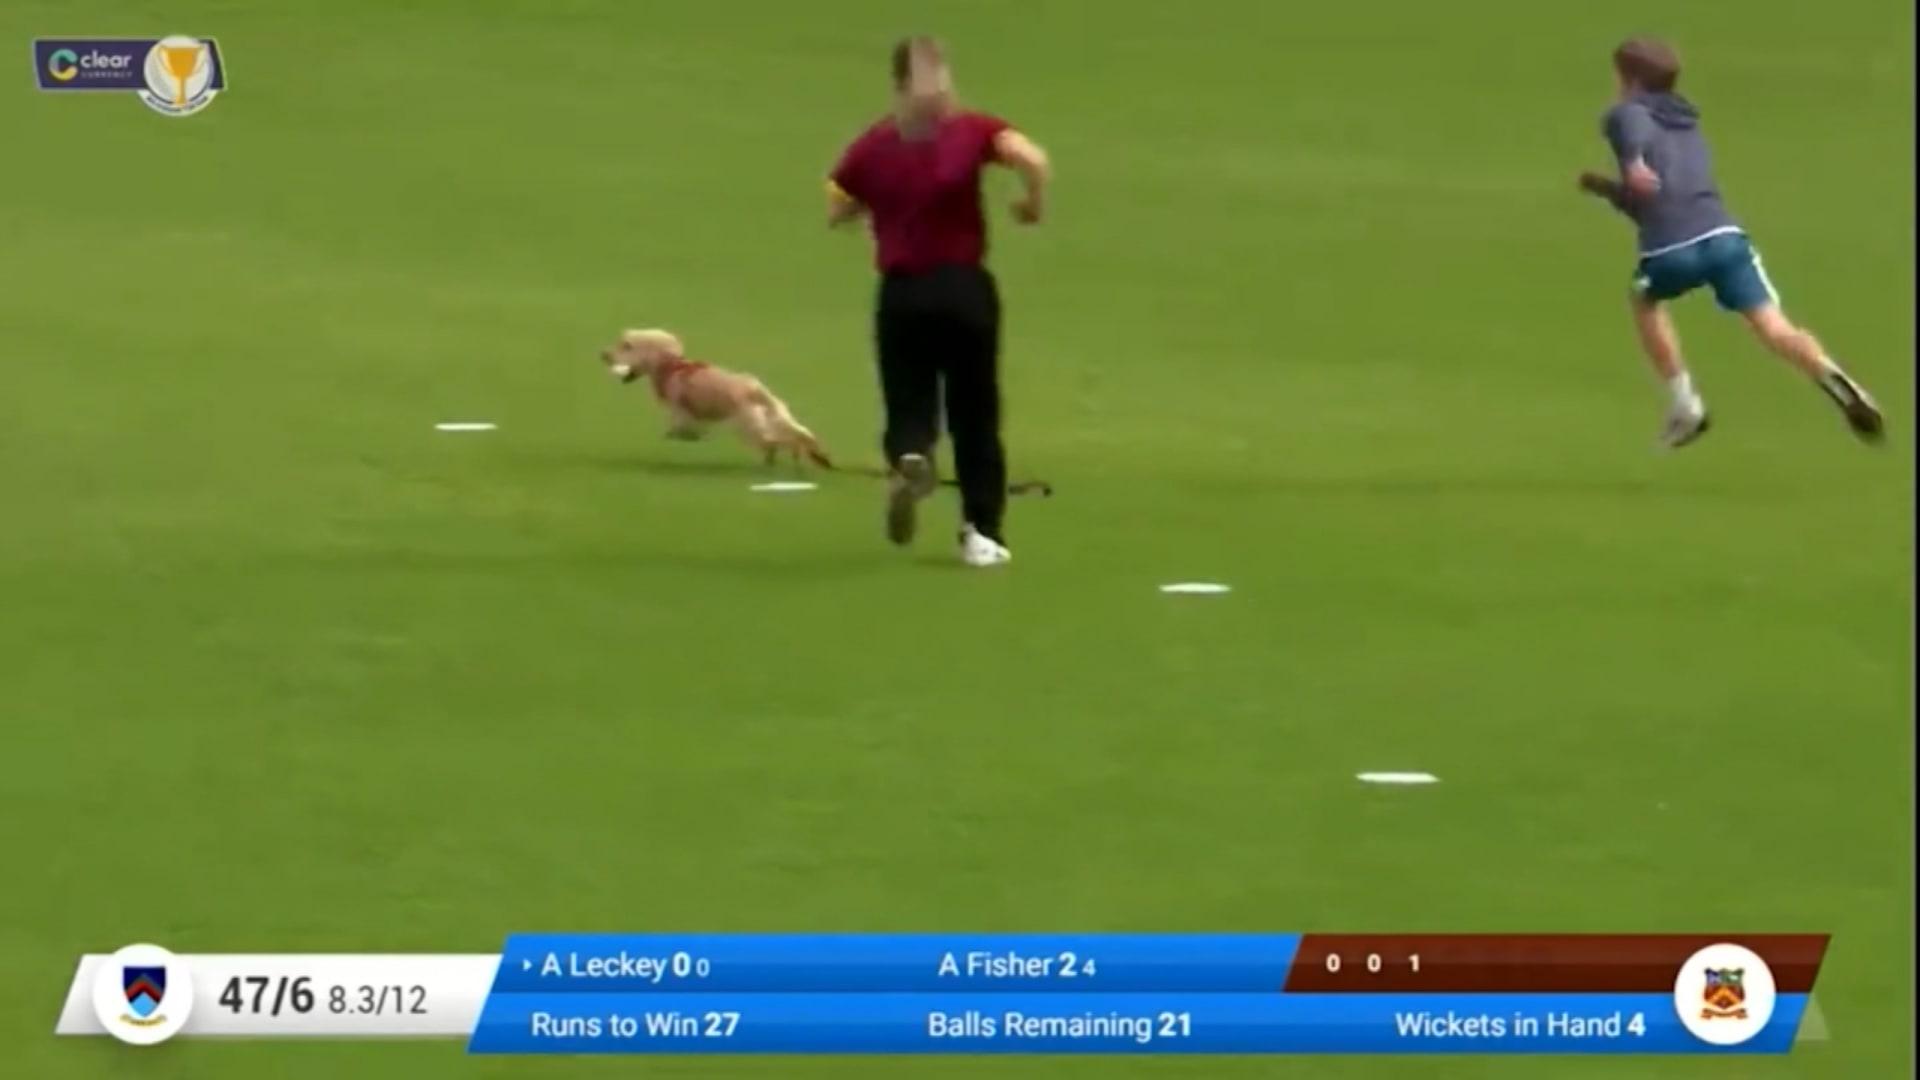 مشهد أثار الضحكات.. كلبة تقتحم الملعب وتخطف الكرة ولاعبات يسارعن بملاحقتها